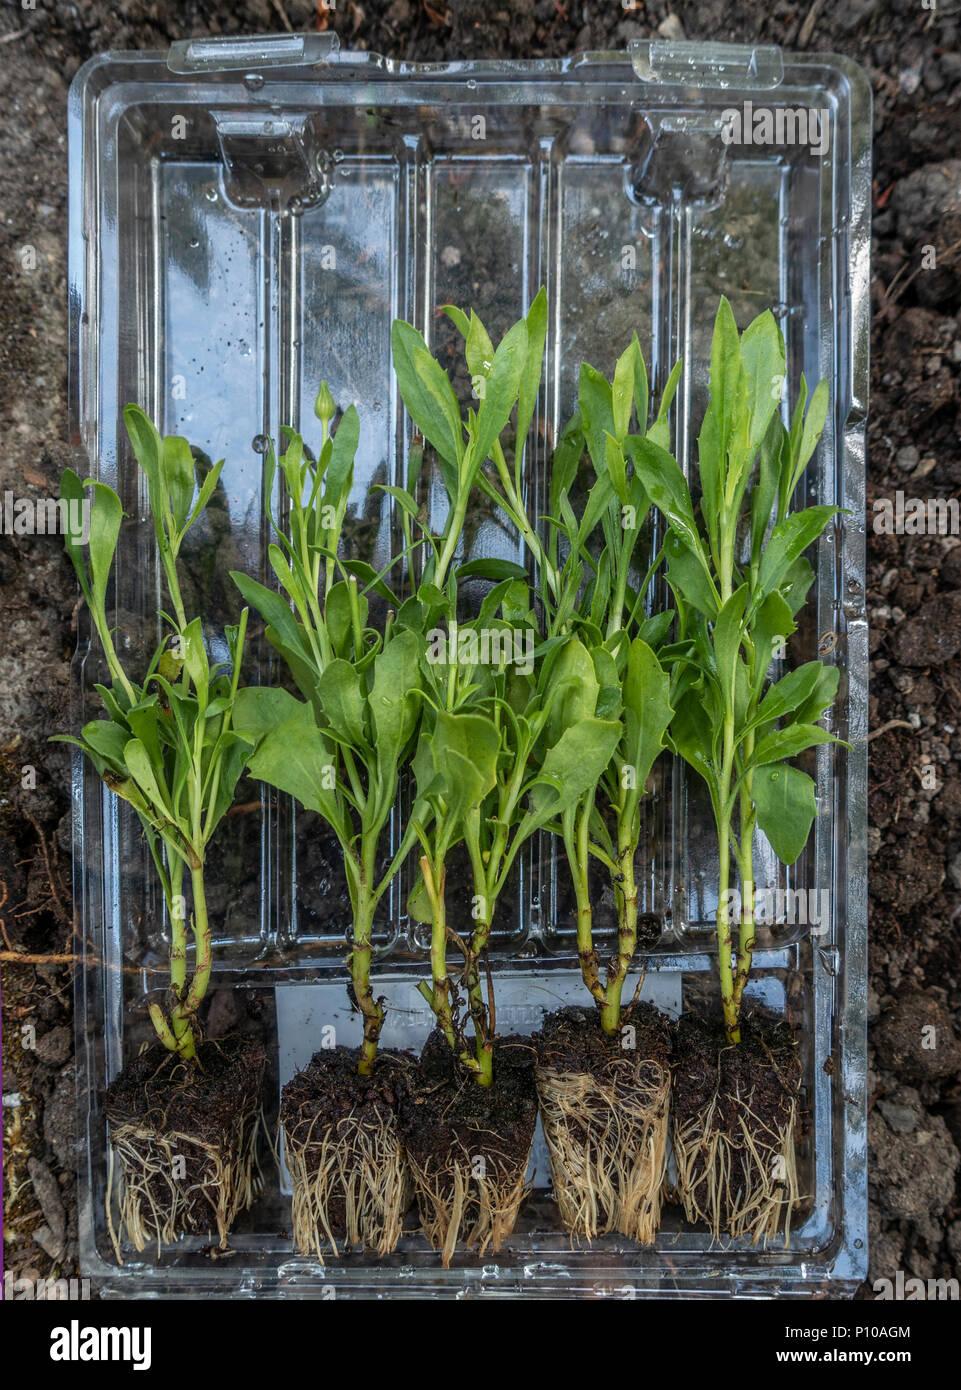 """5 piantine di Osteospermum 'Serenity Rosso"""" (= """"Balsered'), nella sua plastica contenitore postale, pronto per essere piantato in un giardino. Immagini Stock"""